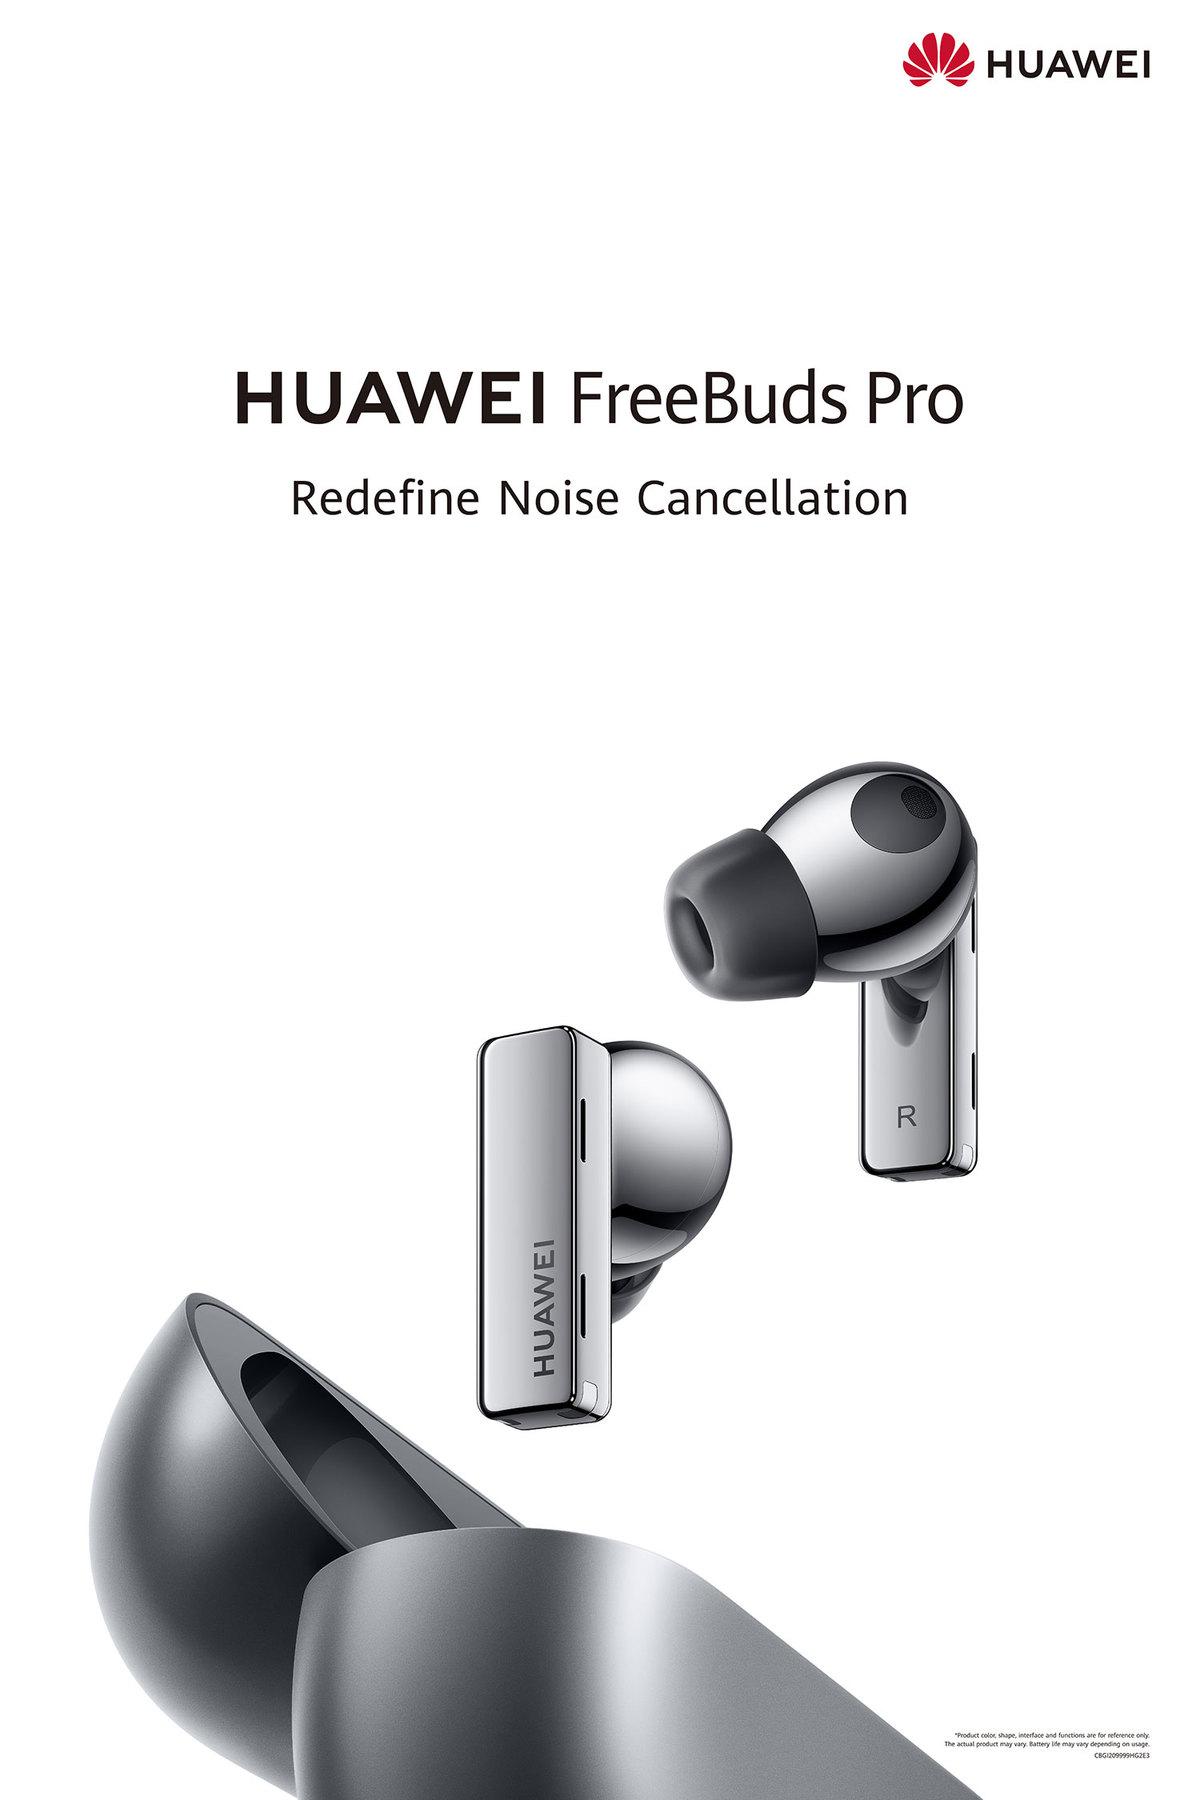 هندزفری بیسیم هوآوی FreeBuds Pro؛ طراحی خاص و کیفیت بالا صدا در یک قاب